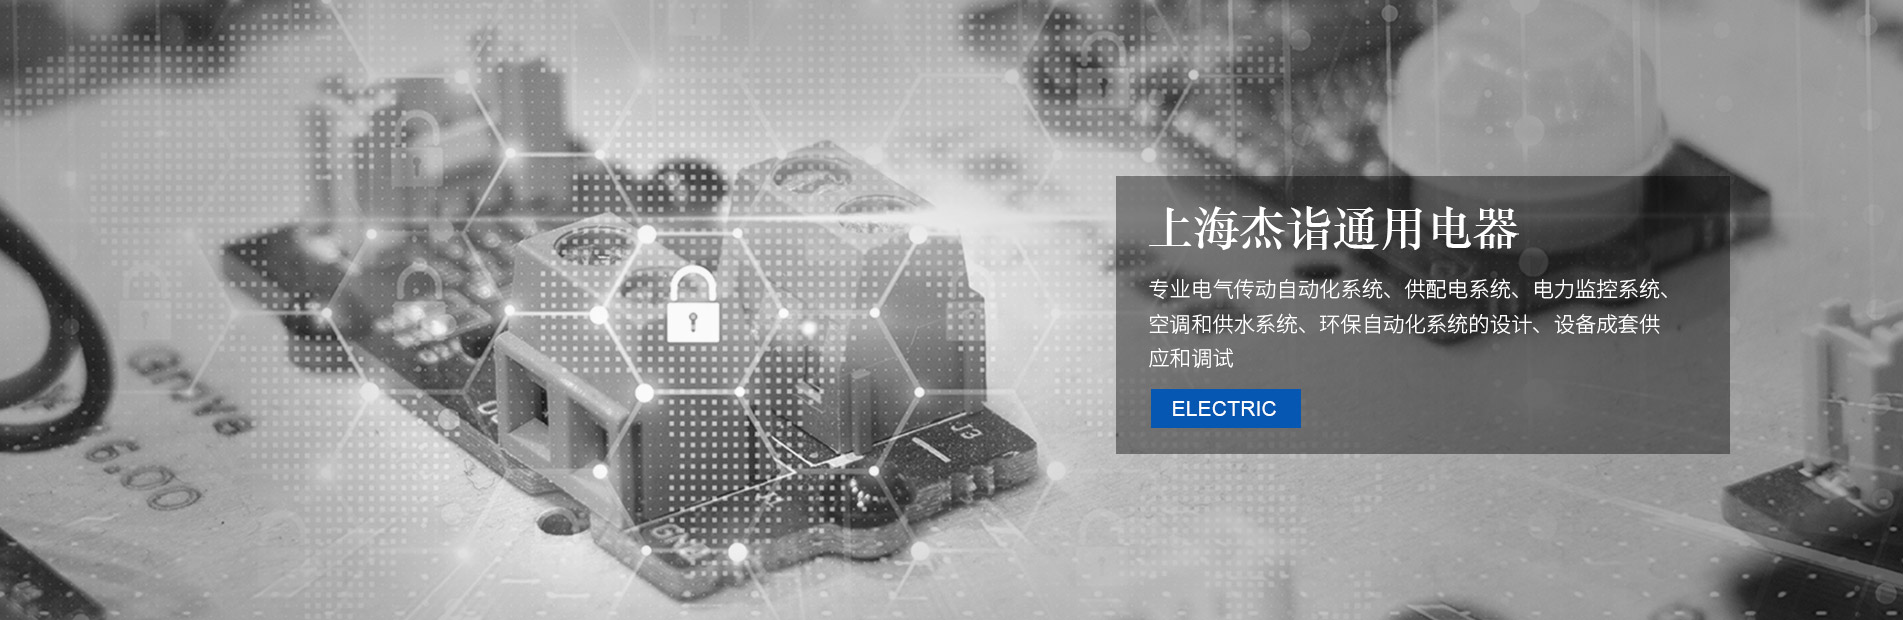 上海杰诣通用电器有限公司